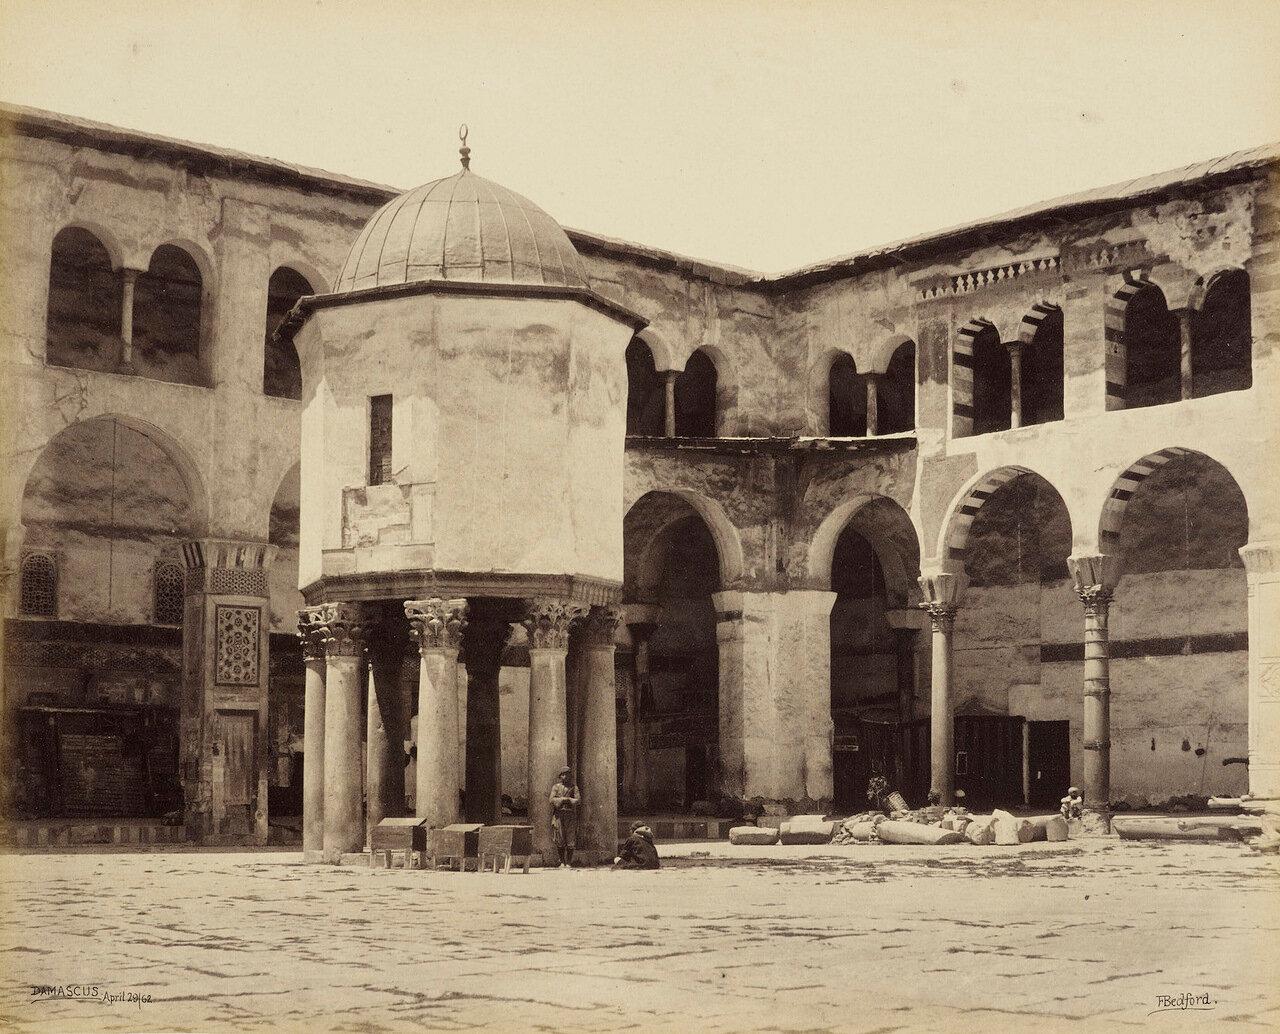 29 апреля 1862. Фонтан во дворе Большой мечети. Дамаск